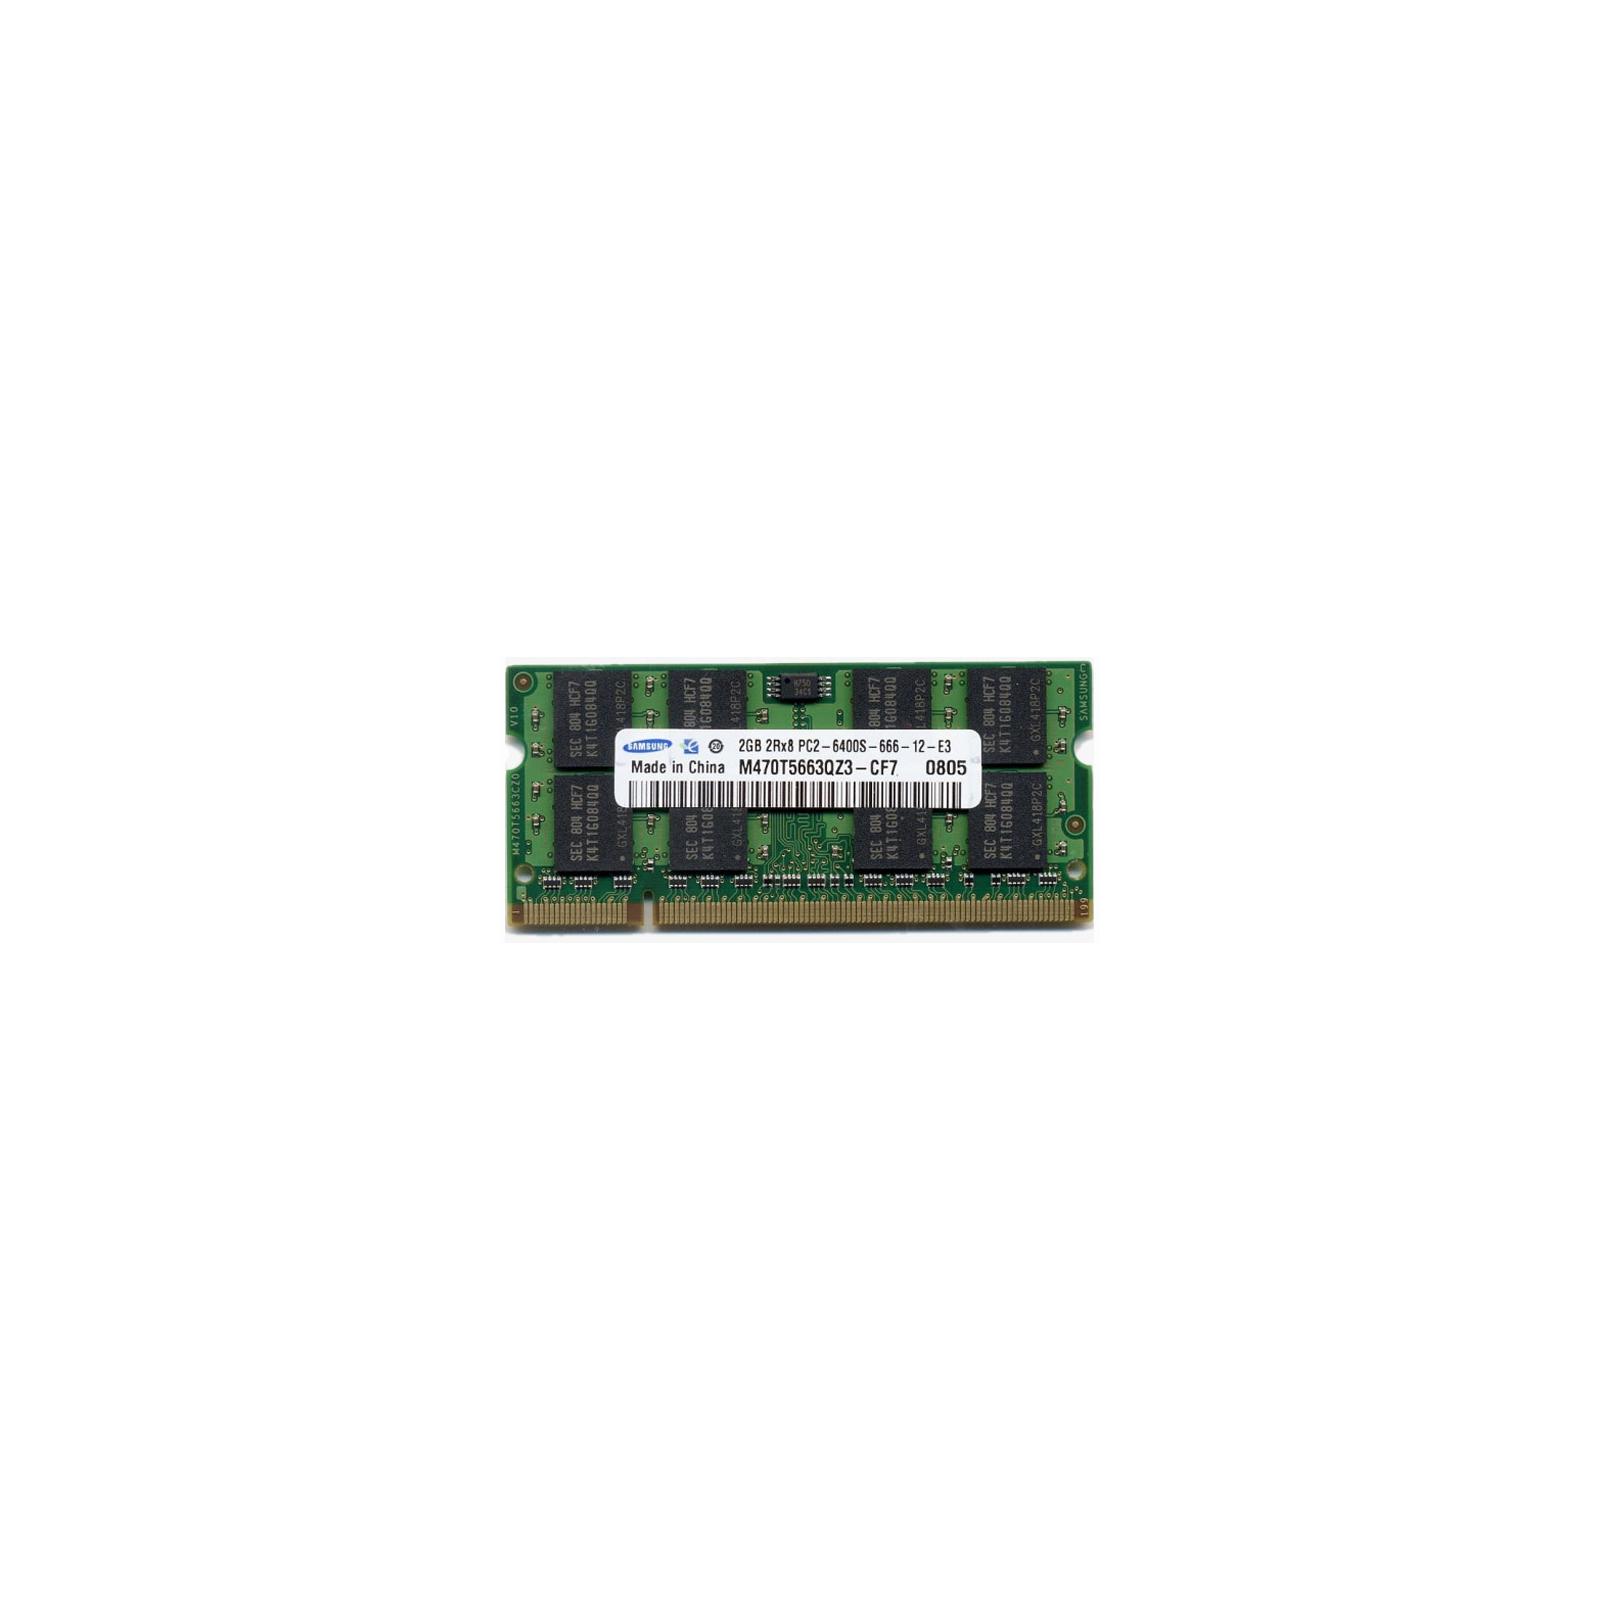 Модуль памяти для ноутбука SoDIMM DDR2 2GB 800 MHz Samsung (M470T5663QZ3-CF7)